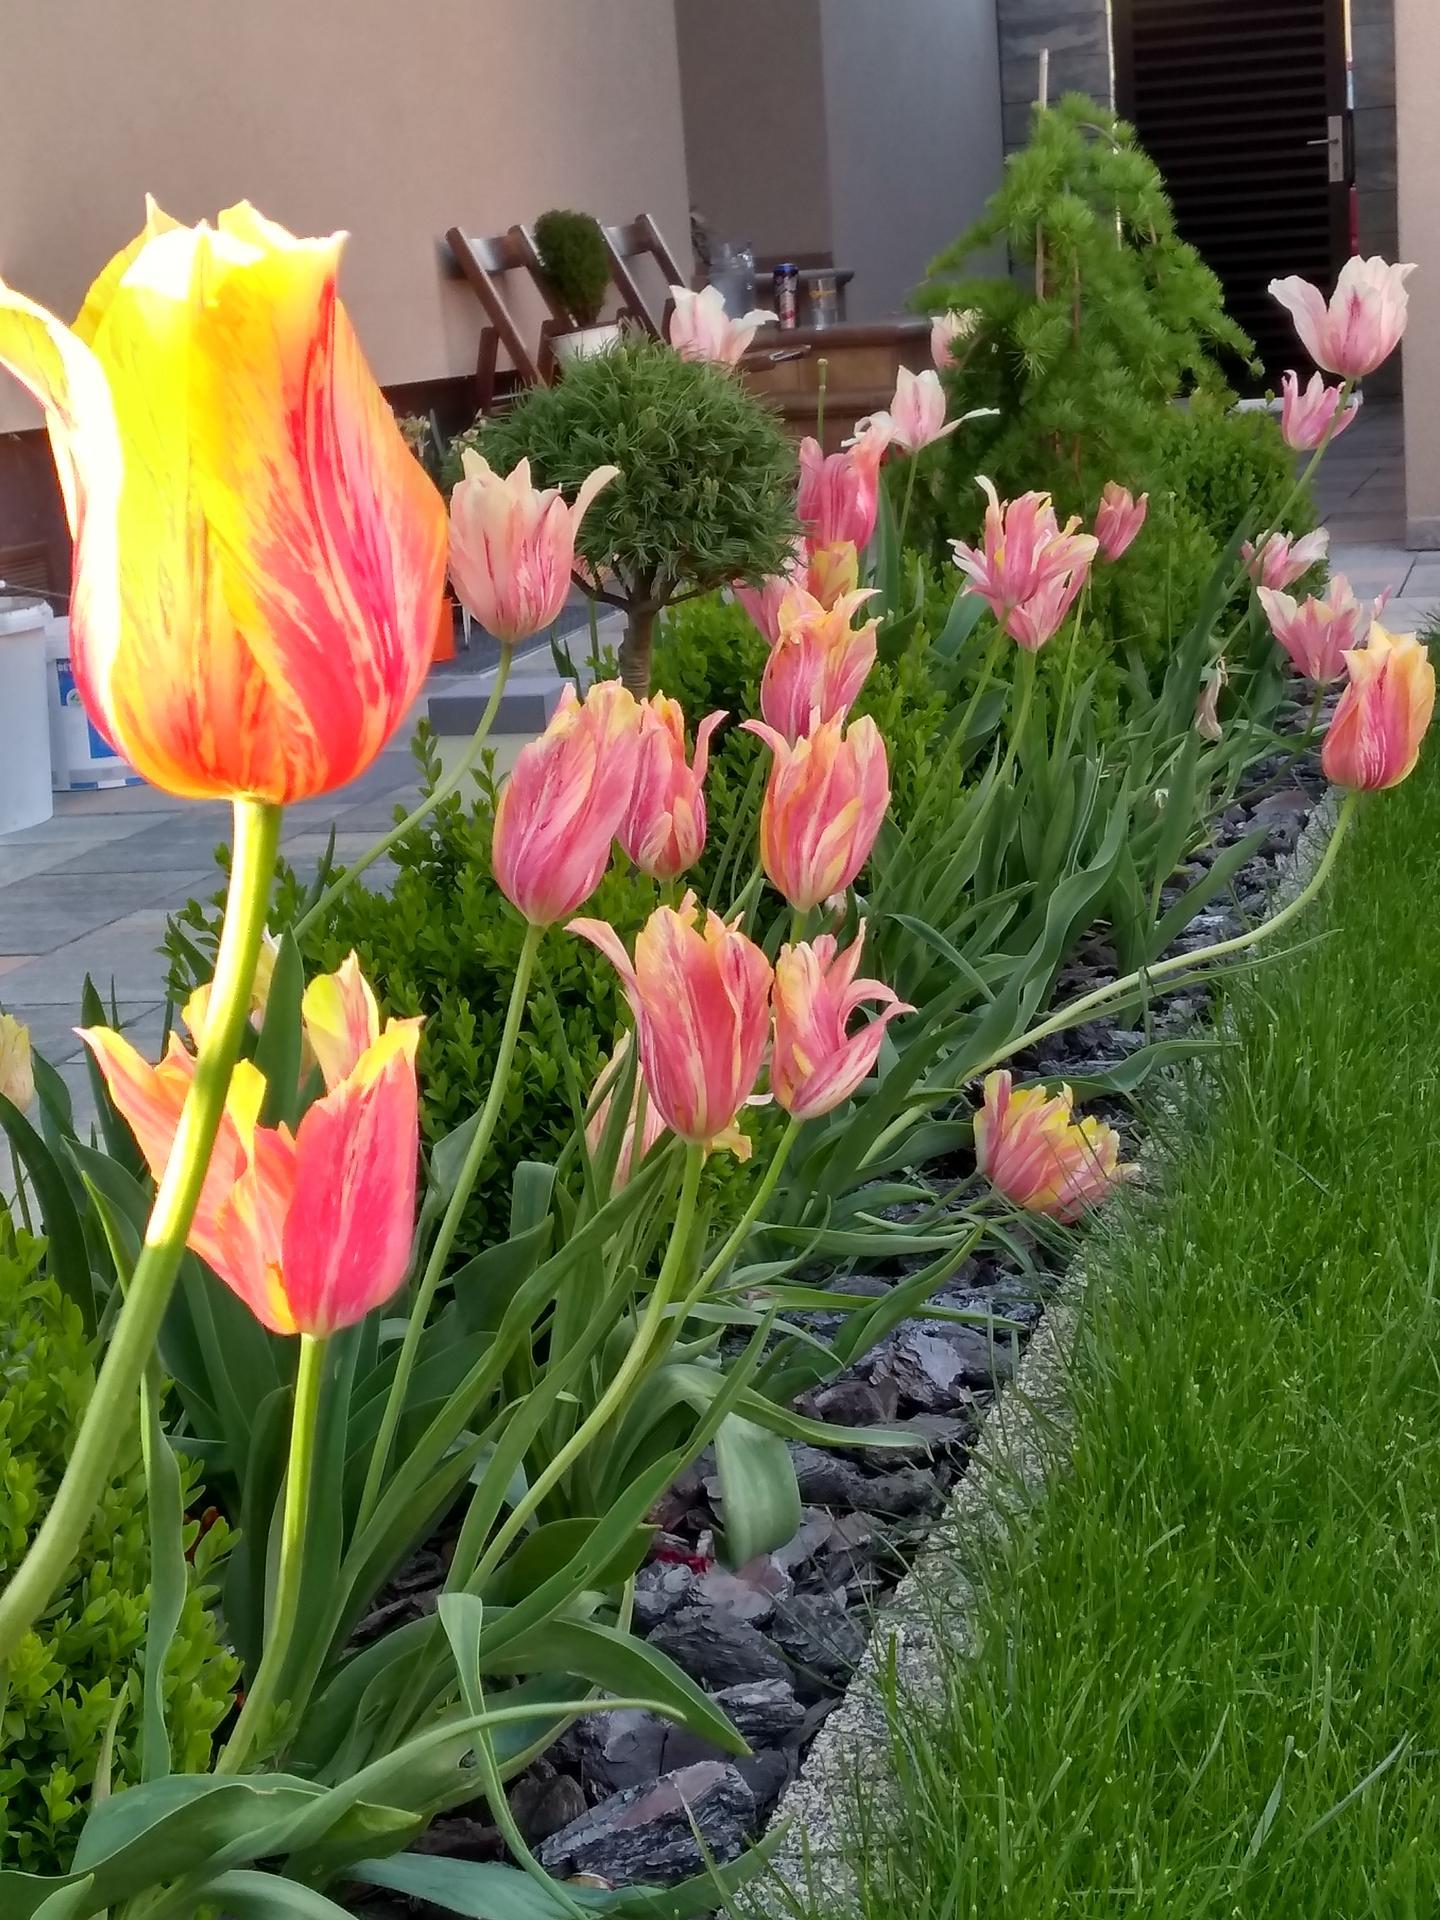 Vonku je lepšie ako vnútri 2021 - Moje najstaršie tulipány, rozmnožili sa po celej záhrade